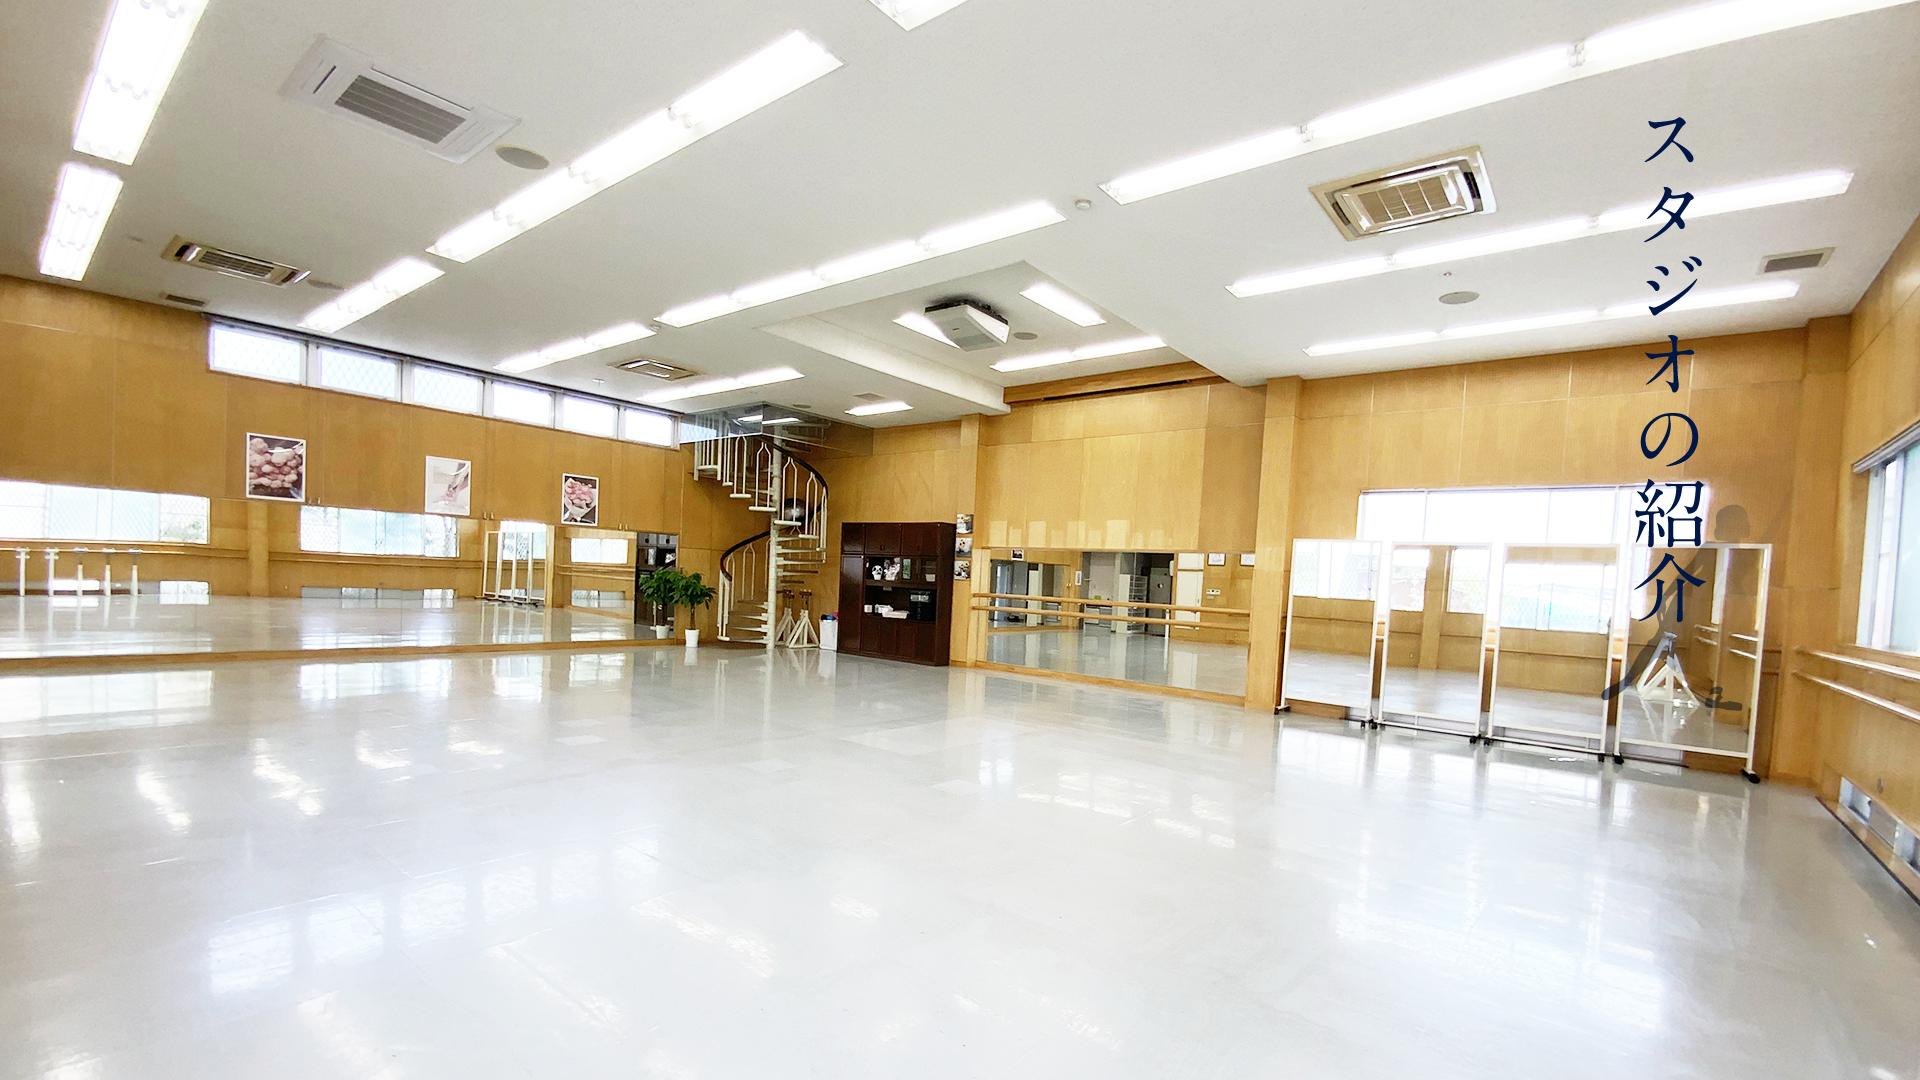 山梨県甲府市国母の横内じゅりバレエスタジオのスタジオ紹介